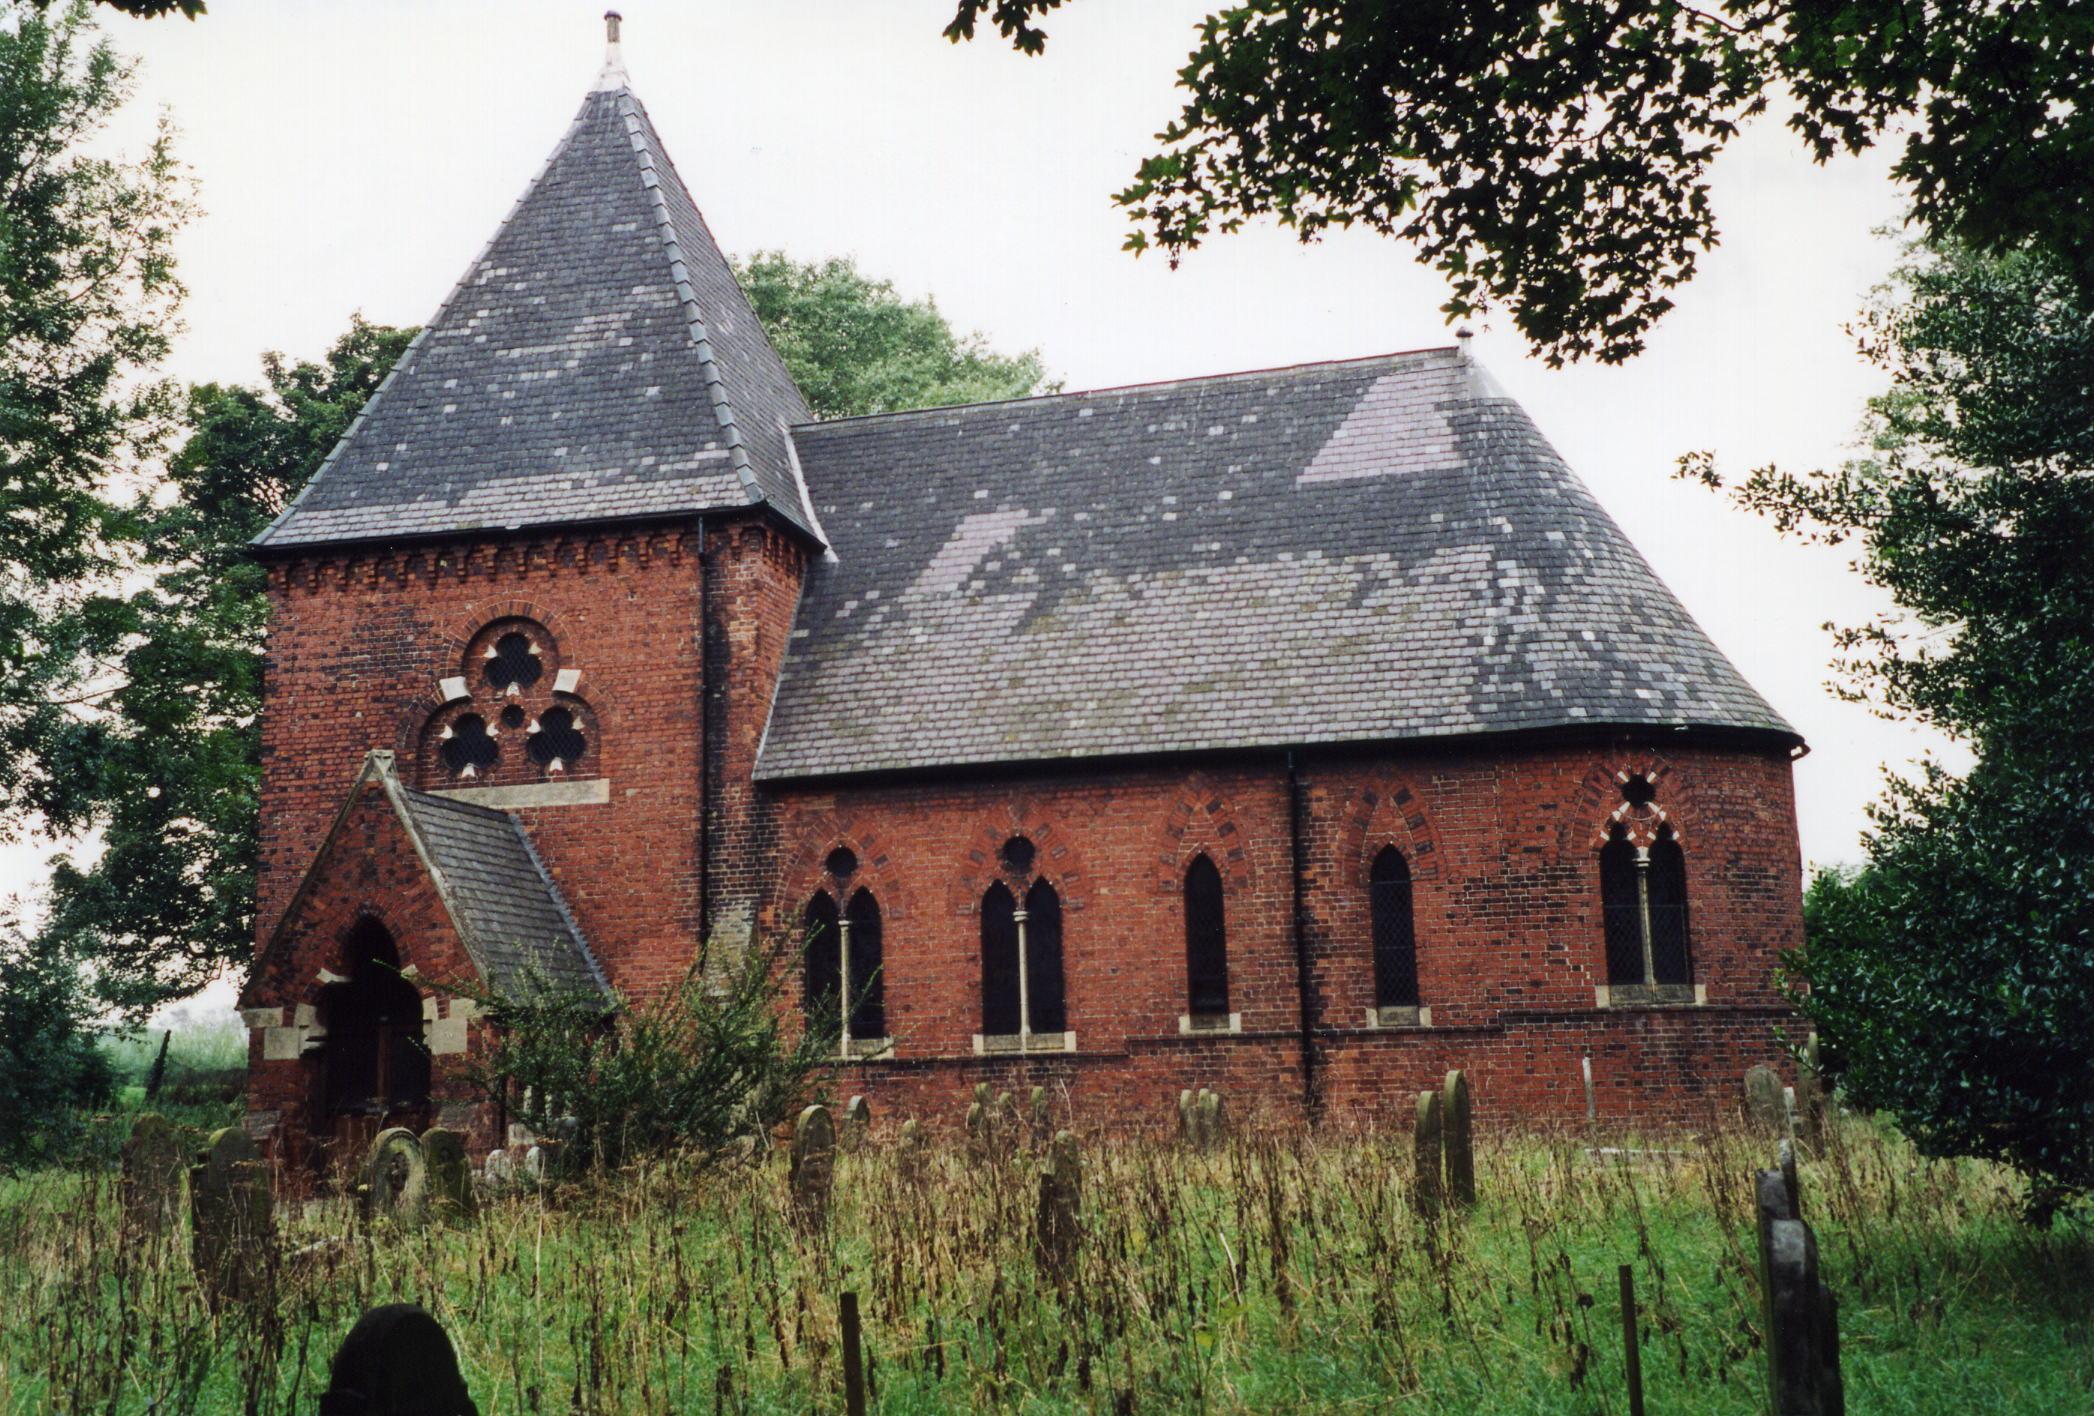 Burringham St. John parish church